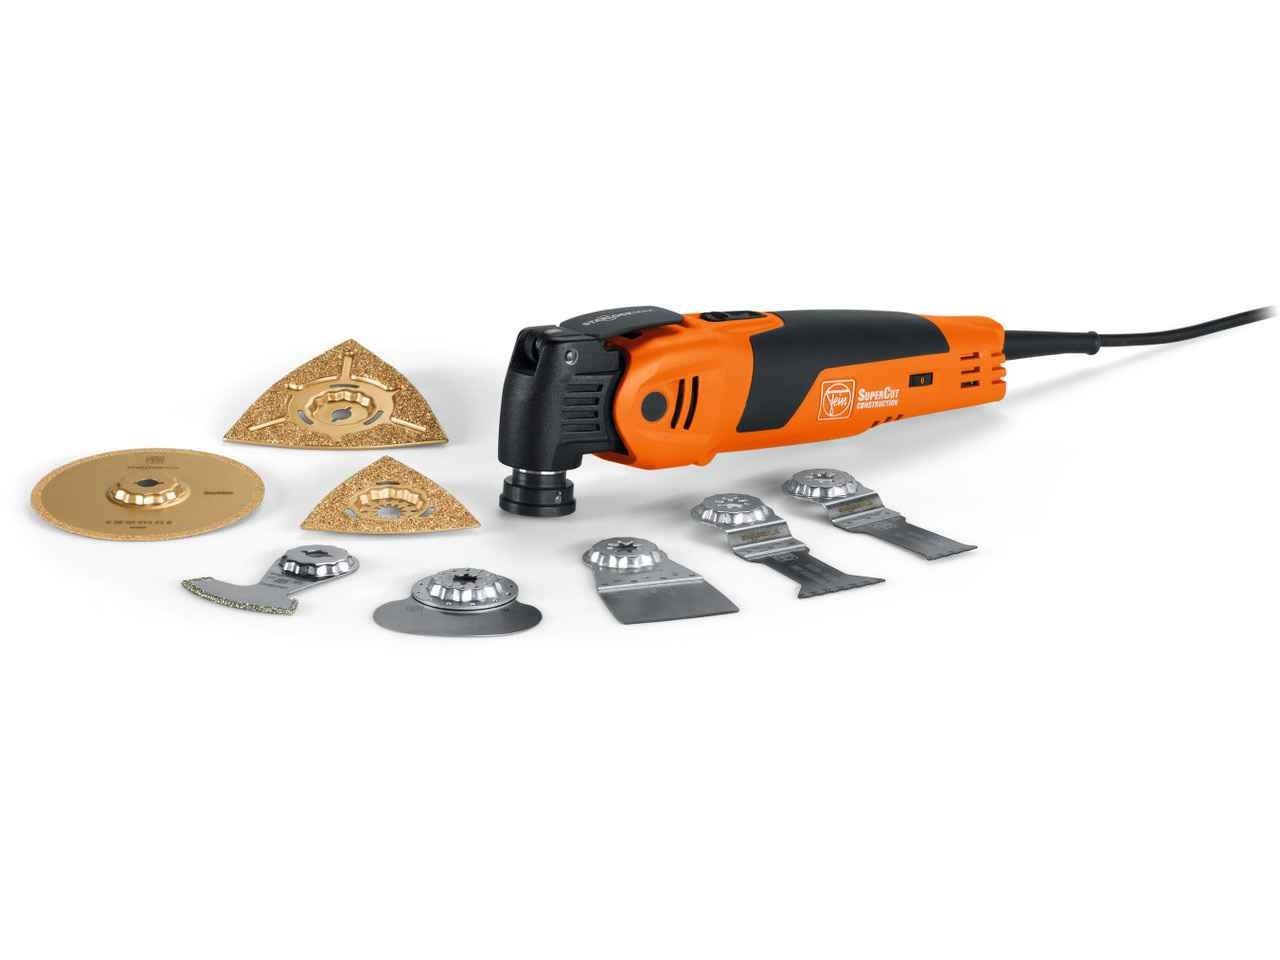 fein fsc500qsl 110v supercut multi-tool tiling kit